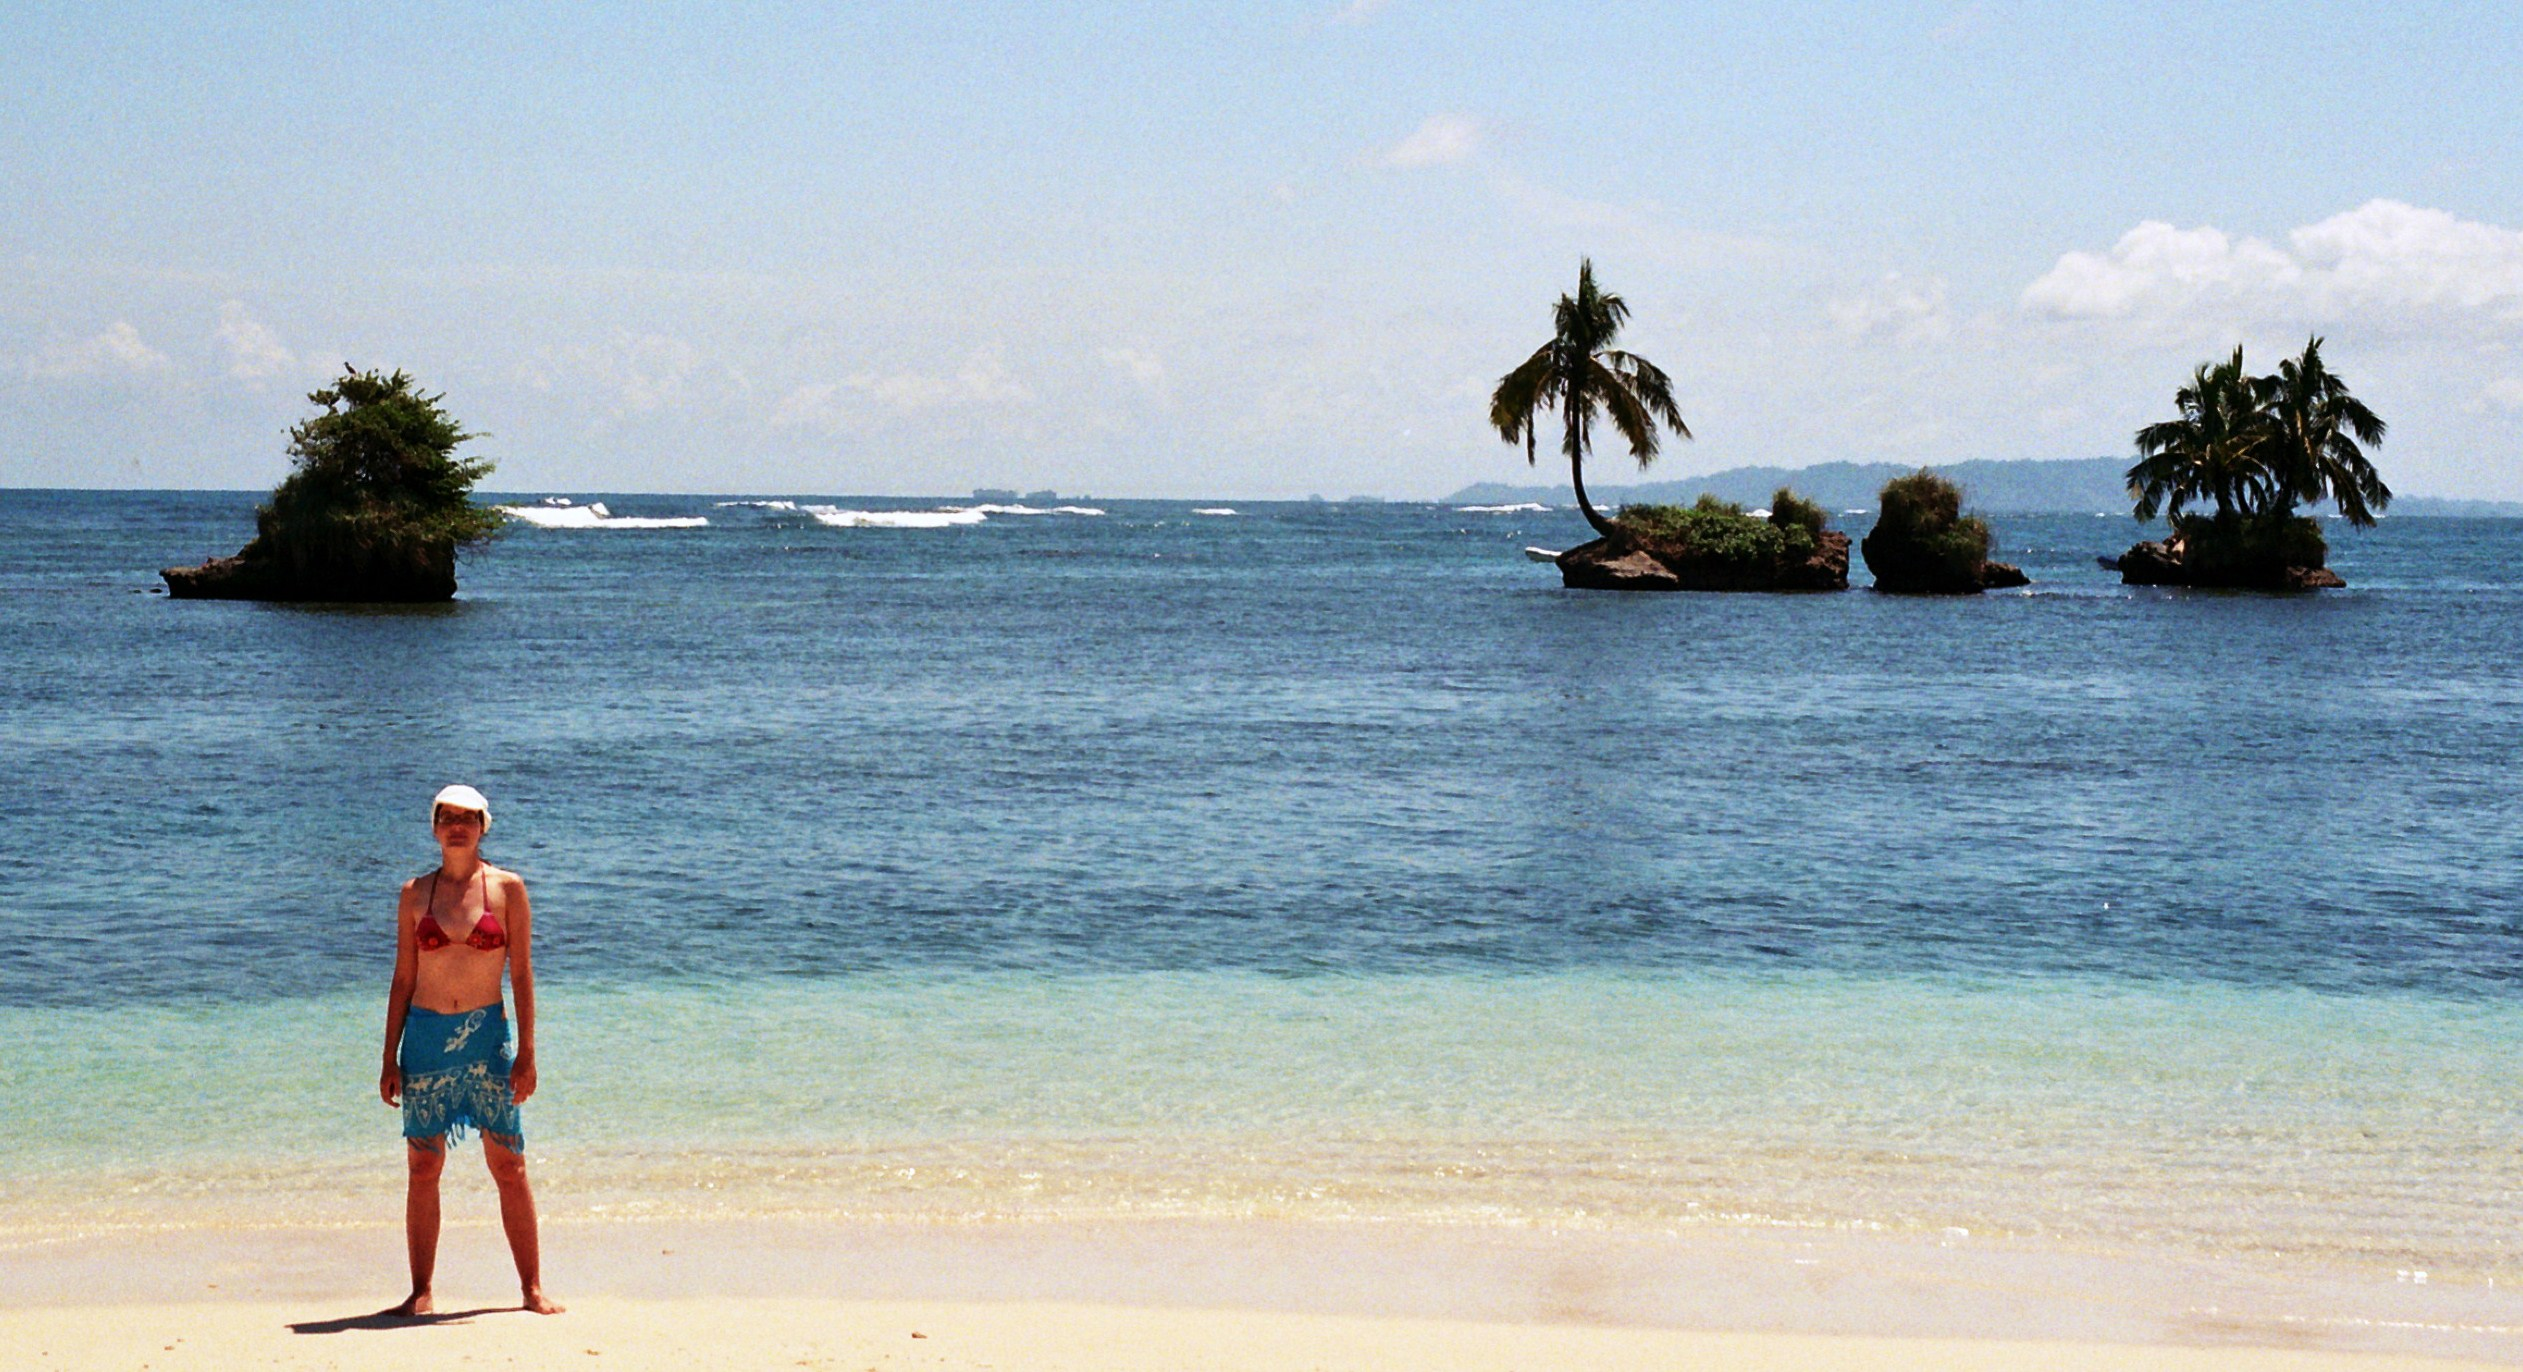 na pláži s ostrůvky